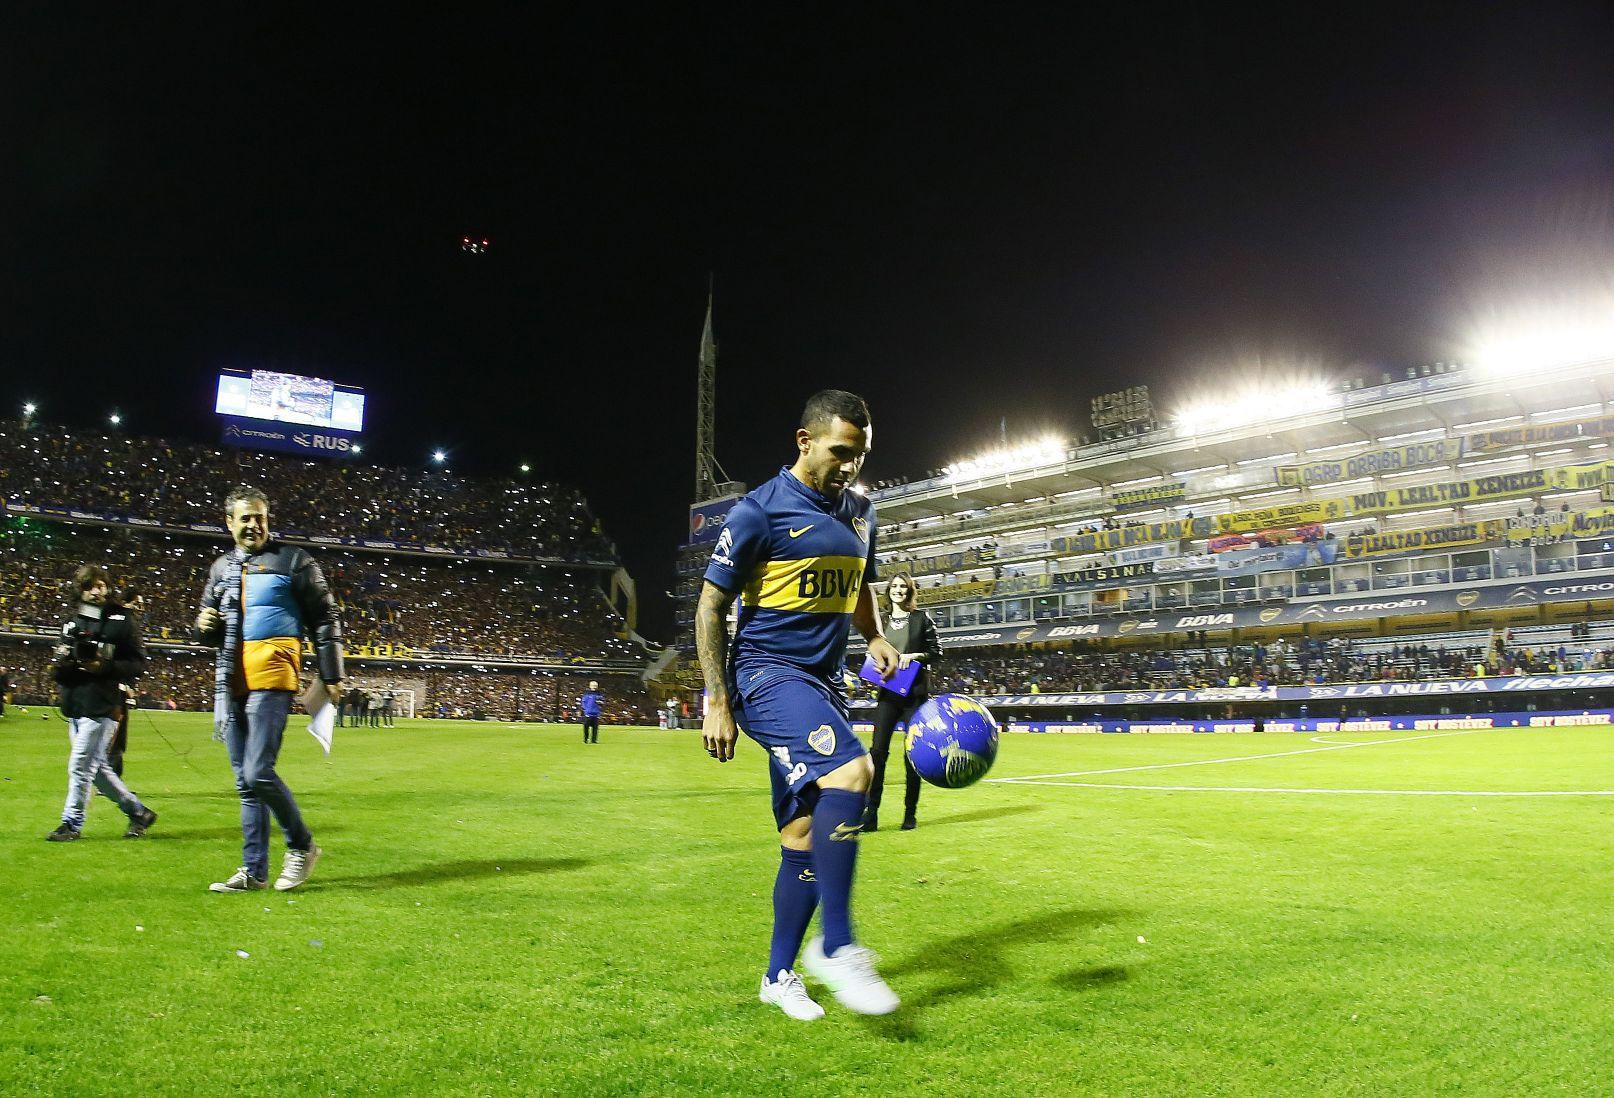 Boca sigue escalando posiciones..7mo en el ranking Mundial!